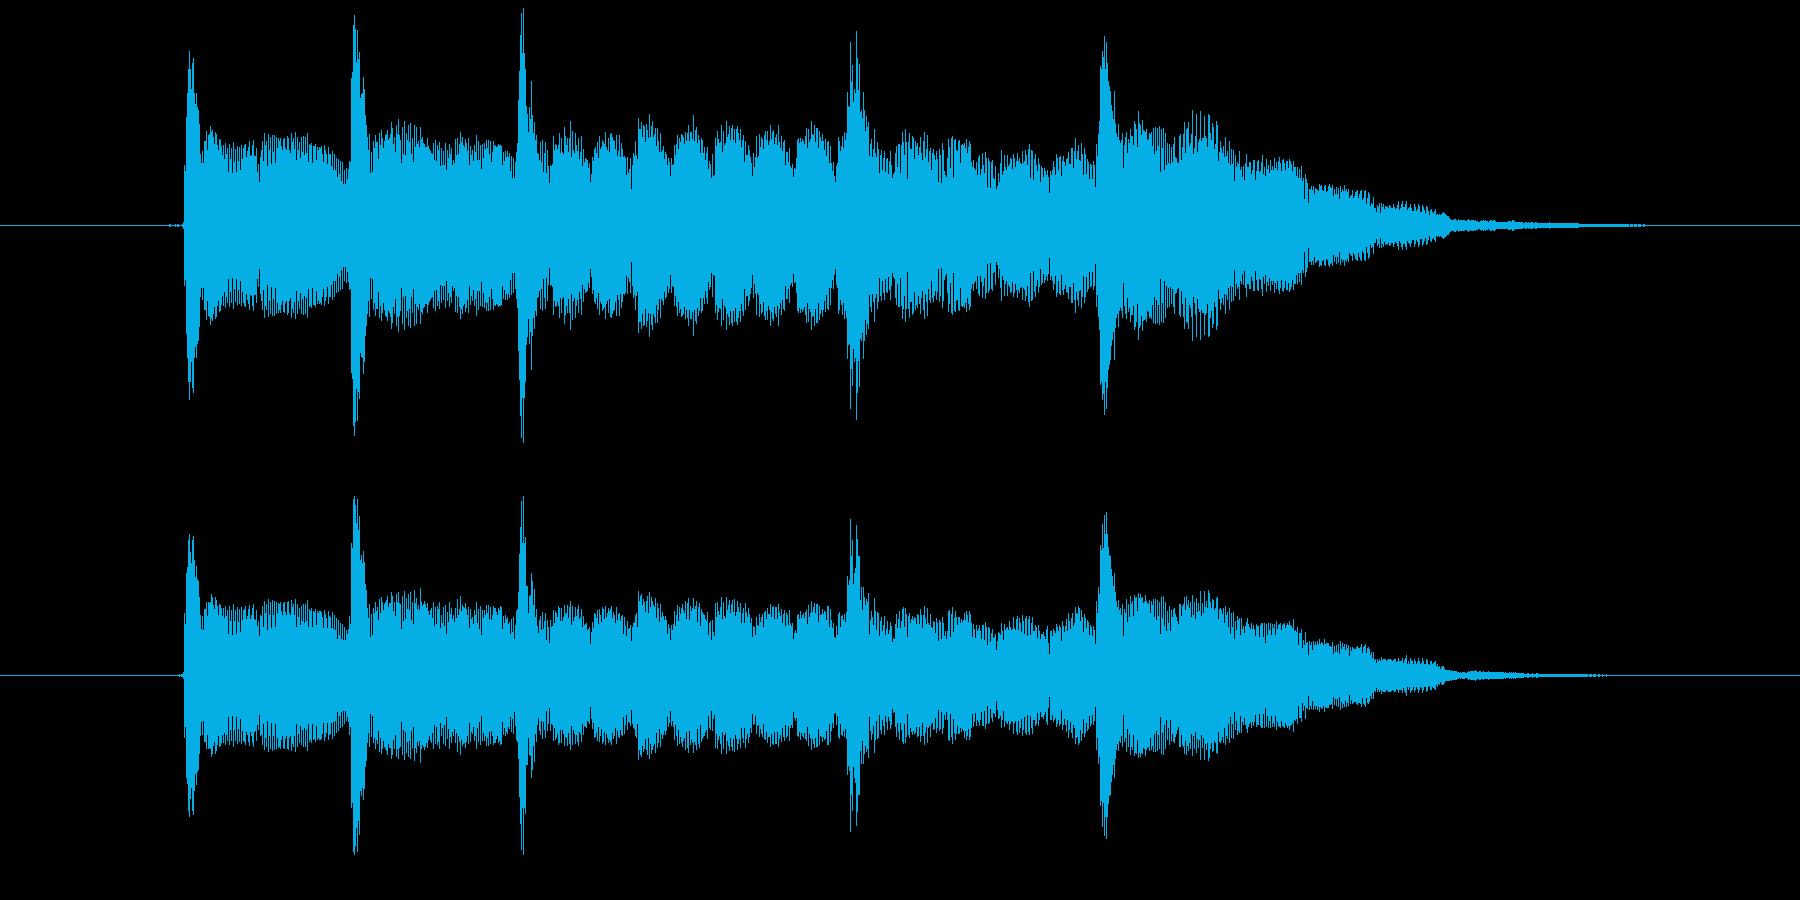 かわいいサウンドロゴ アイキャッチ電子音の再生済みの波形